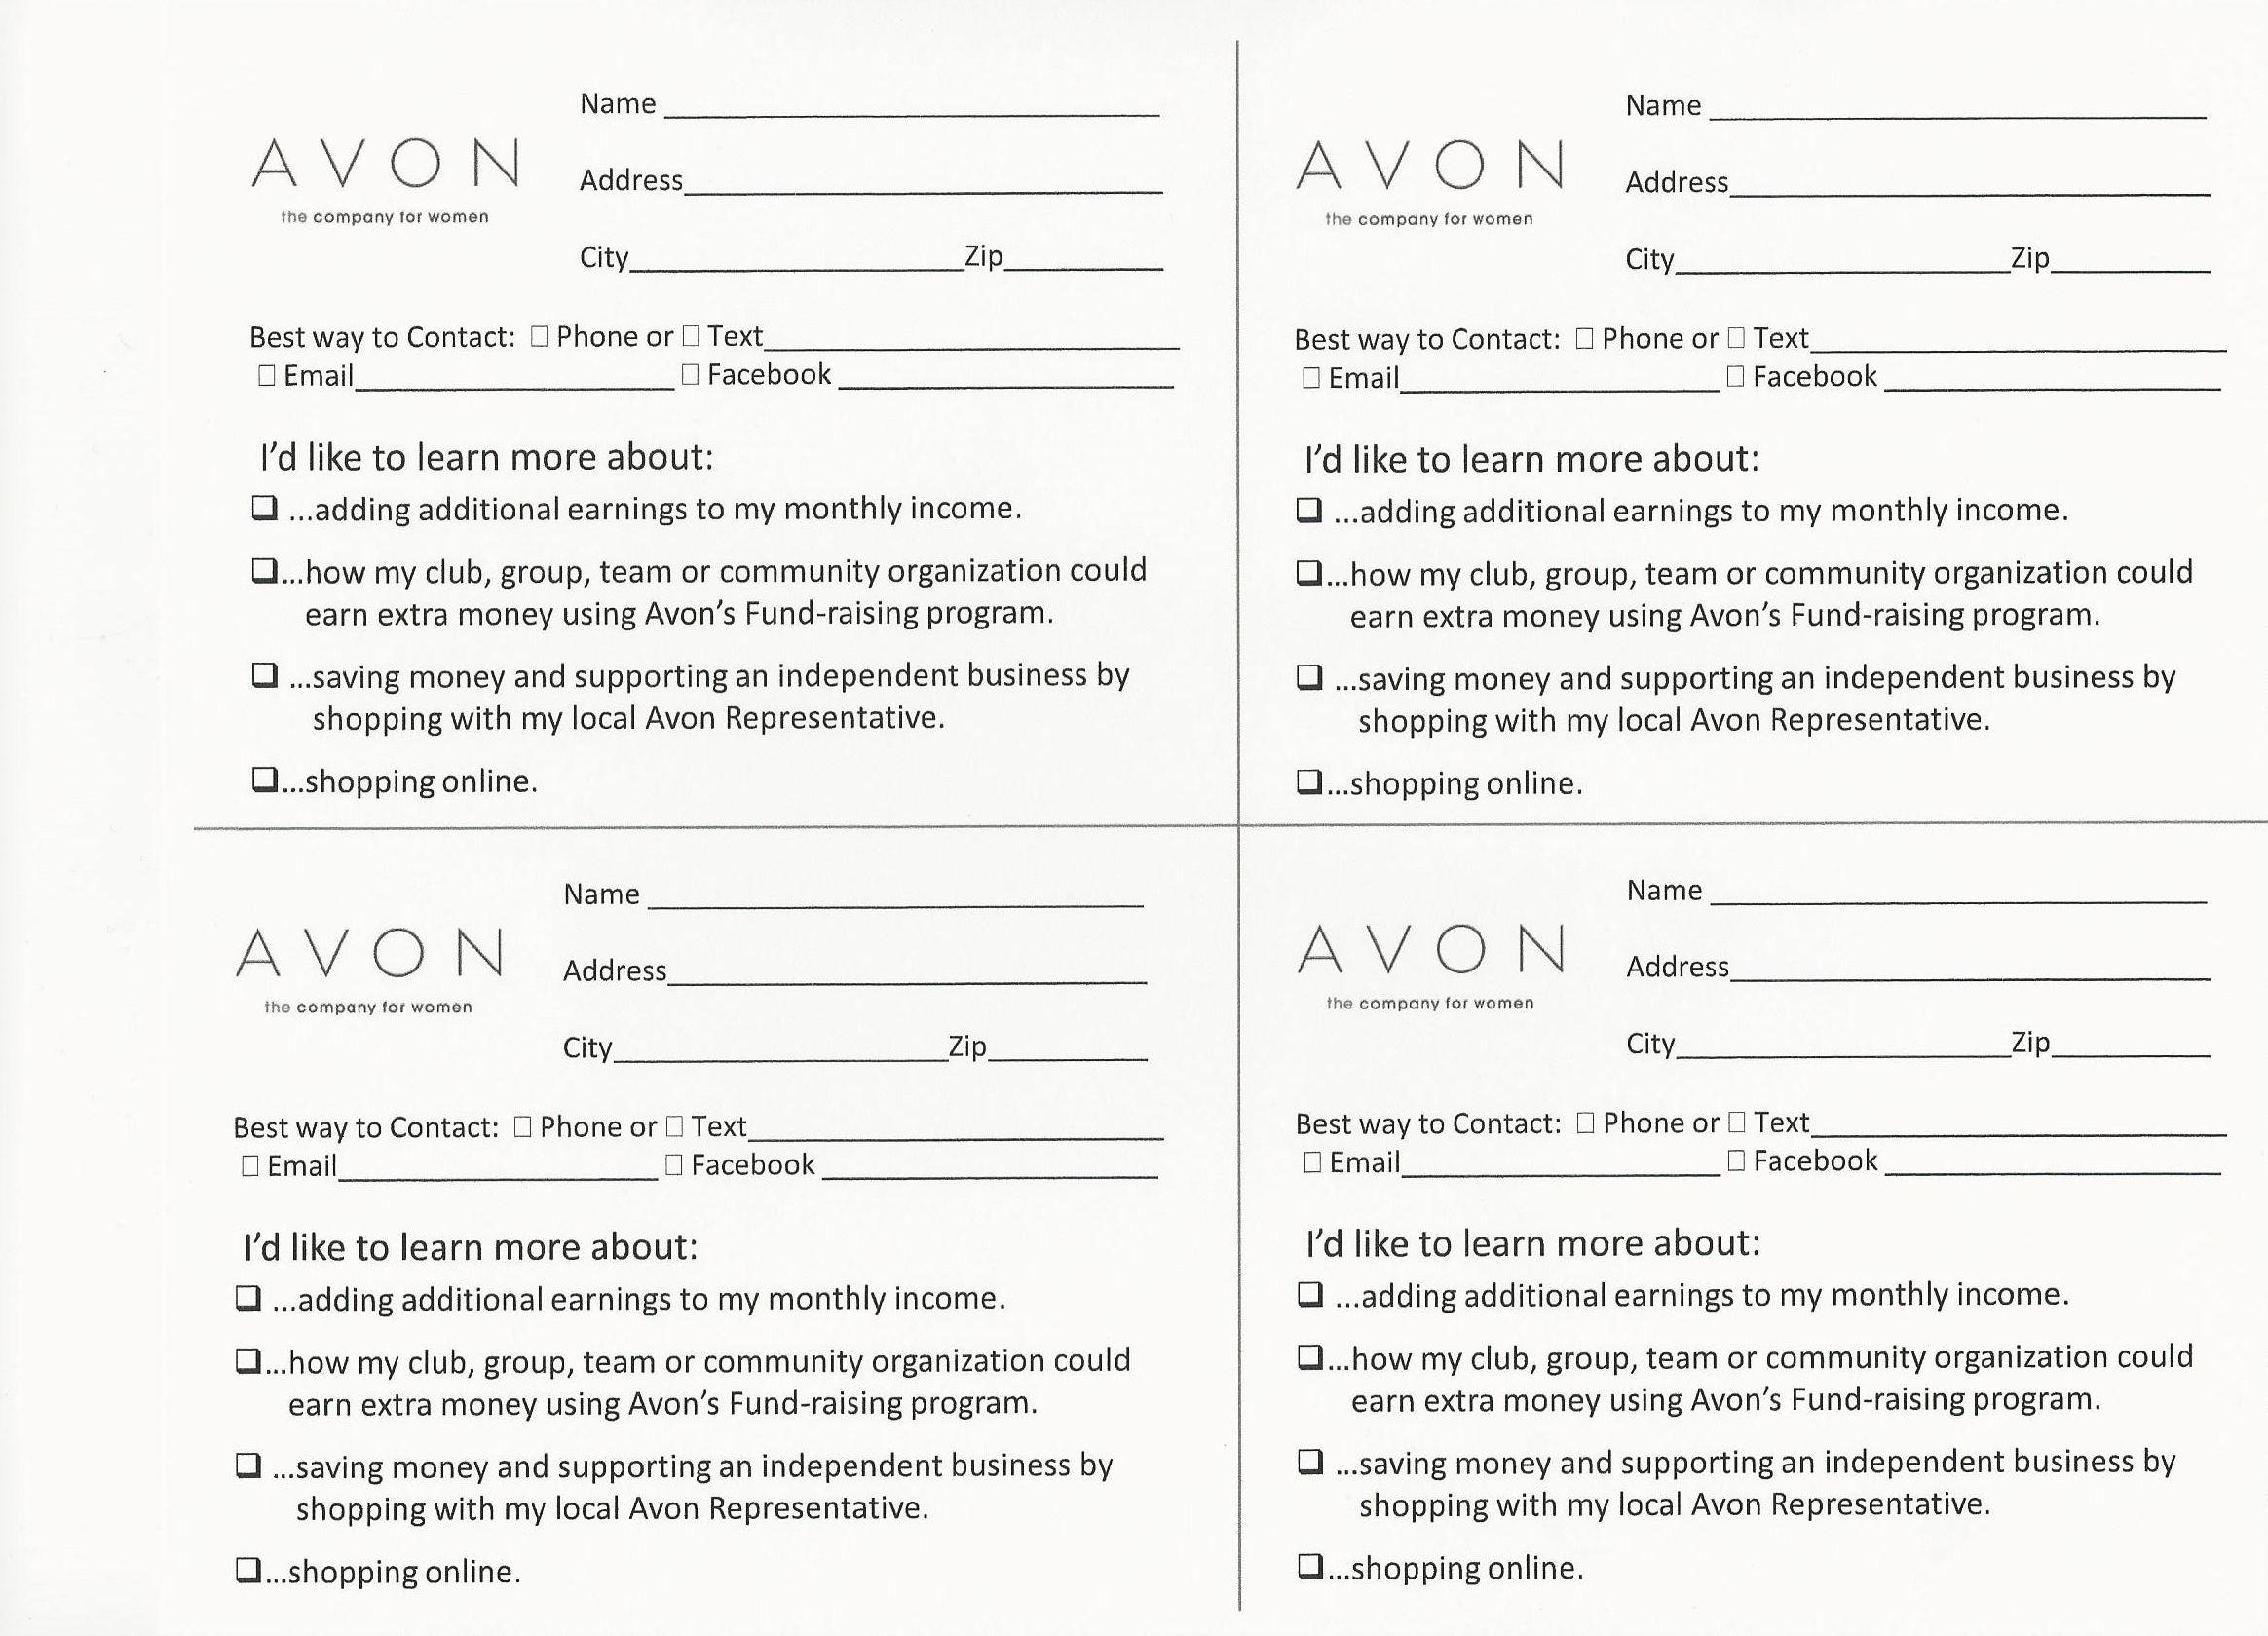 avon survey cards 2 328×1 679 pixels